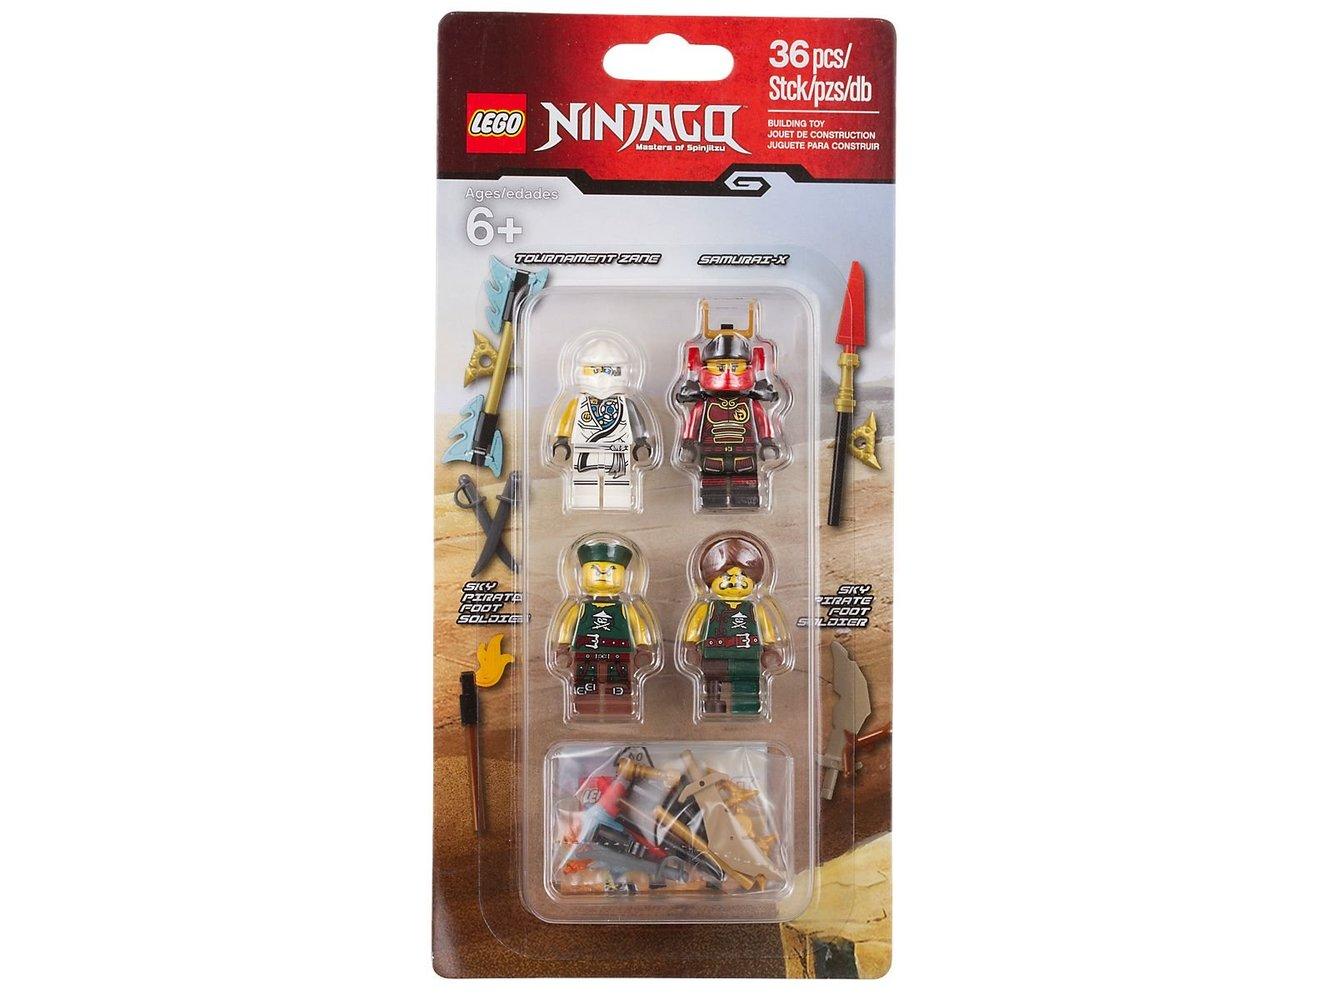 Ninjago Accessory Set